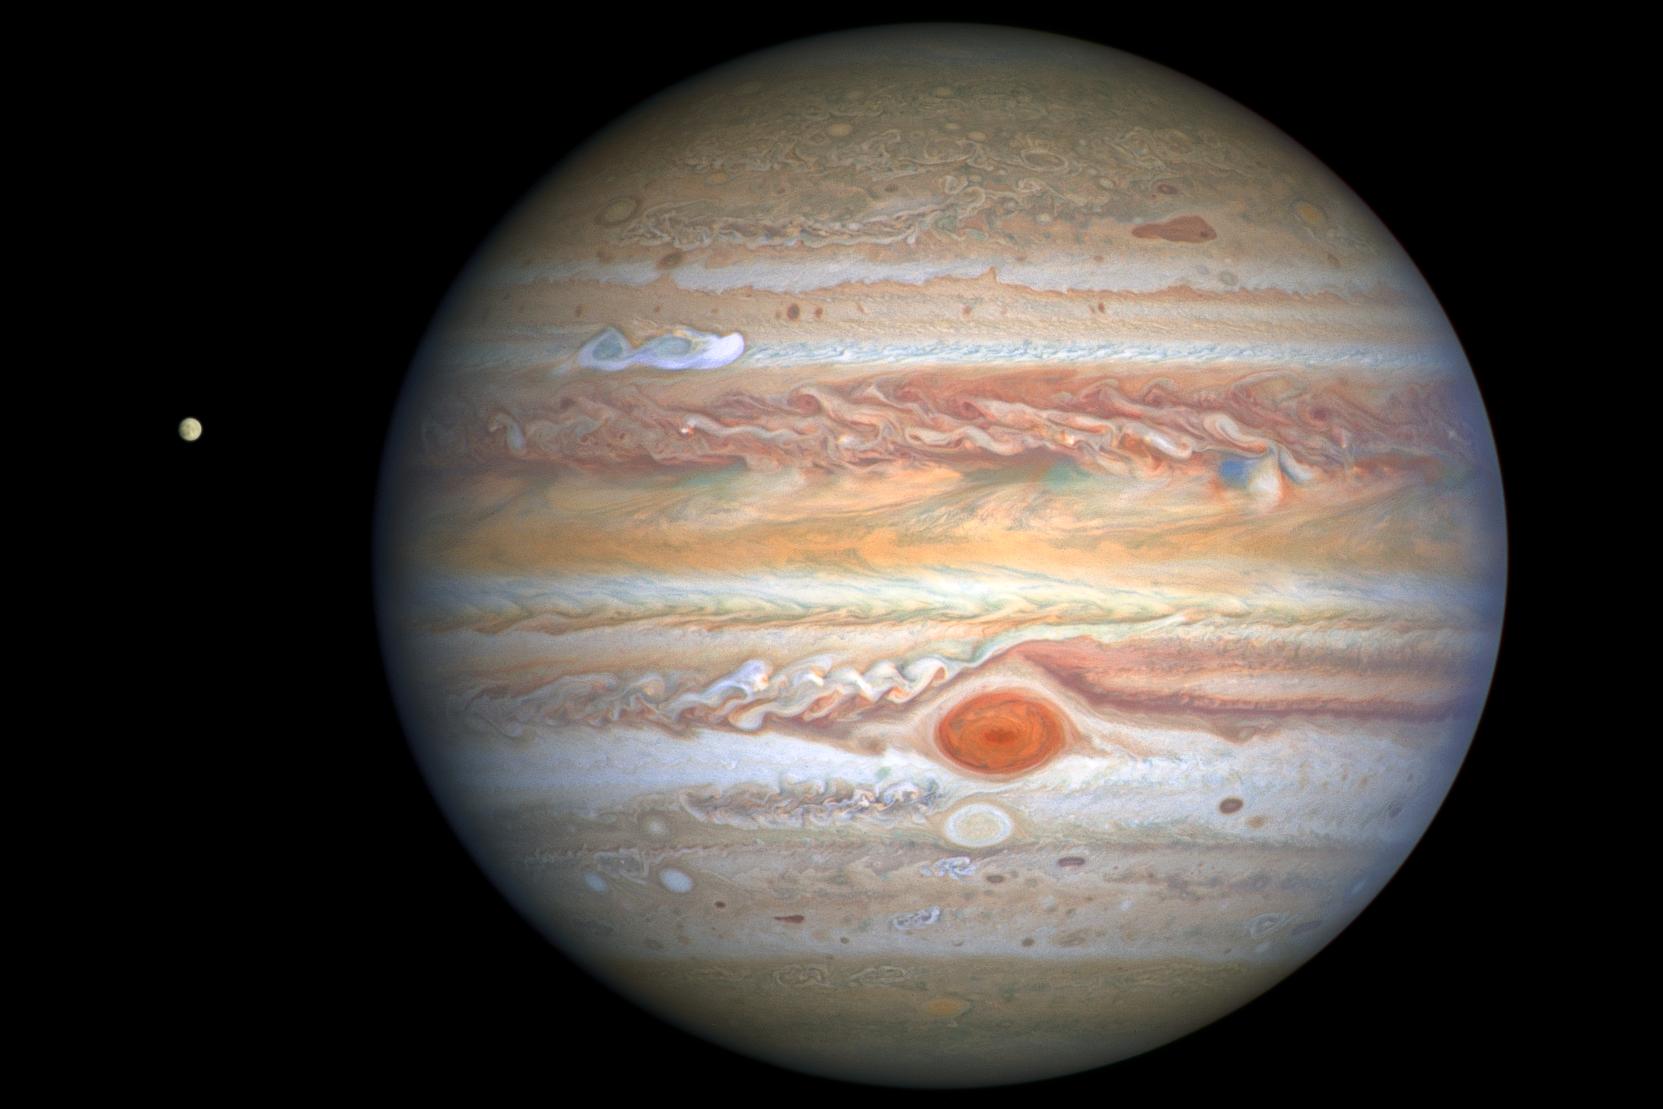 最新的木星照片是哈勃太空望遠鏡於2020年8月25日拍攝的,當時該行星距地球4.06億哩。在木星北半球,有一道明亮的白色風暴。逆時針旋轉的大紅斑形成一連串的白色和米色絲帶狀的雲帶。被認為可能有生命的木衛二歐羅巴(Europa)在照片的左方。(NASA)